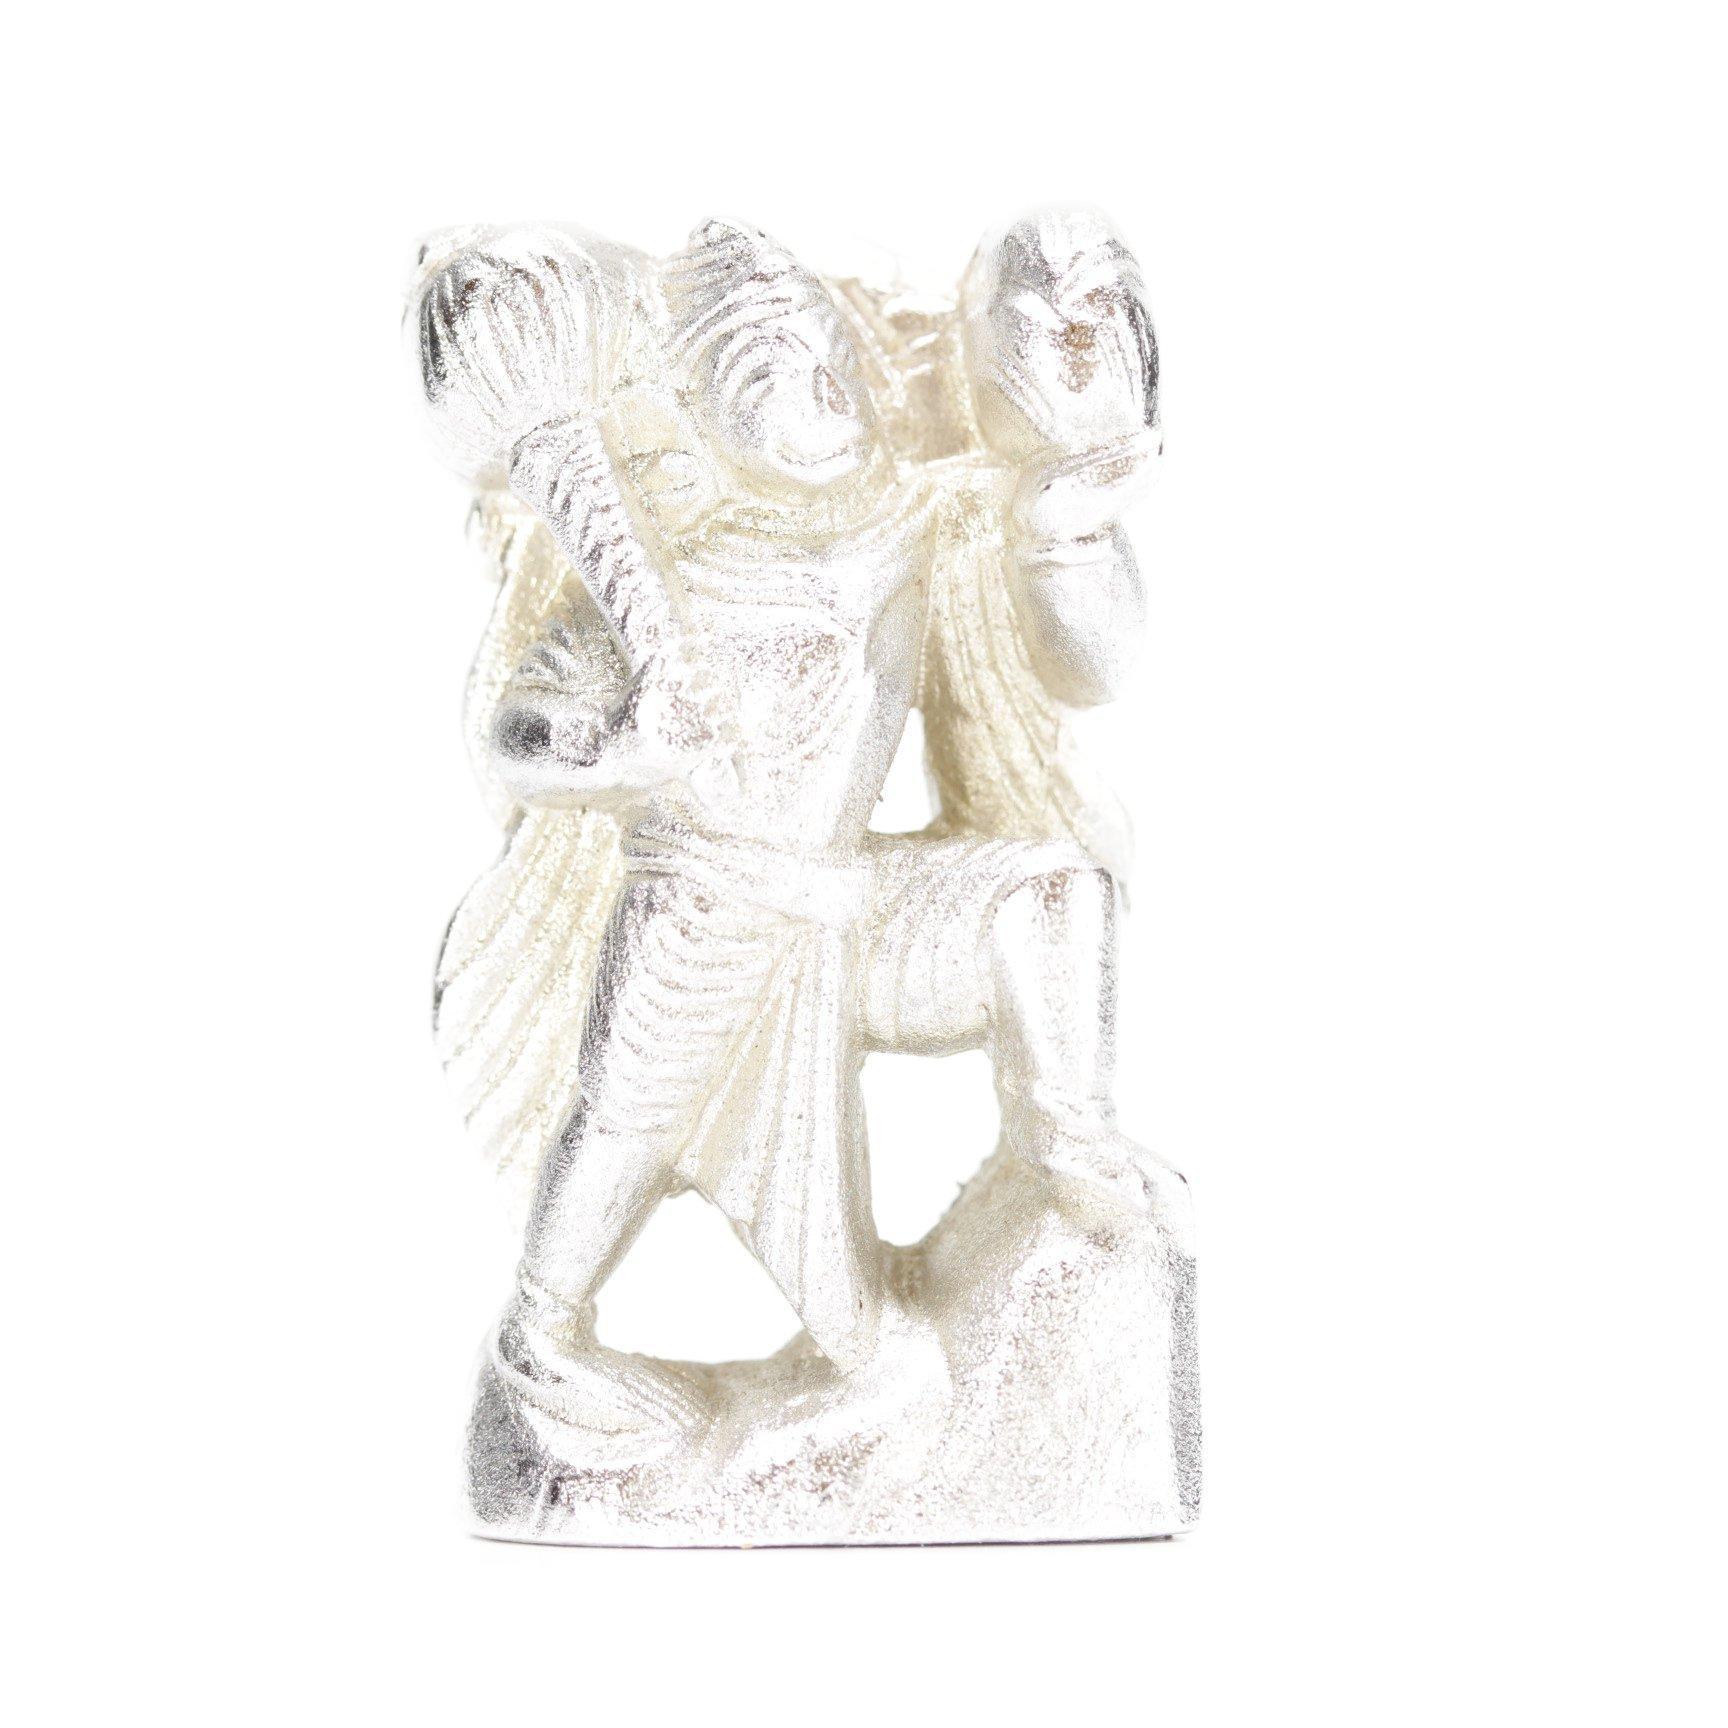 パラド・ハヌマーン神像(高さ約5.6cm、...